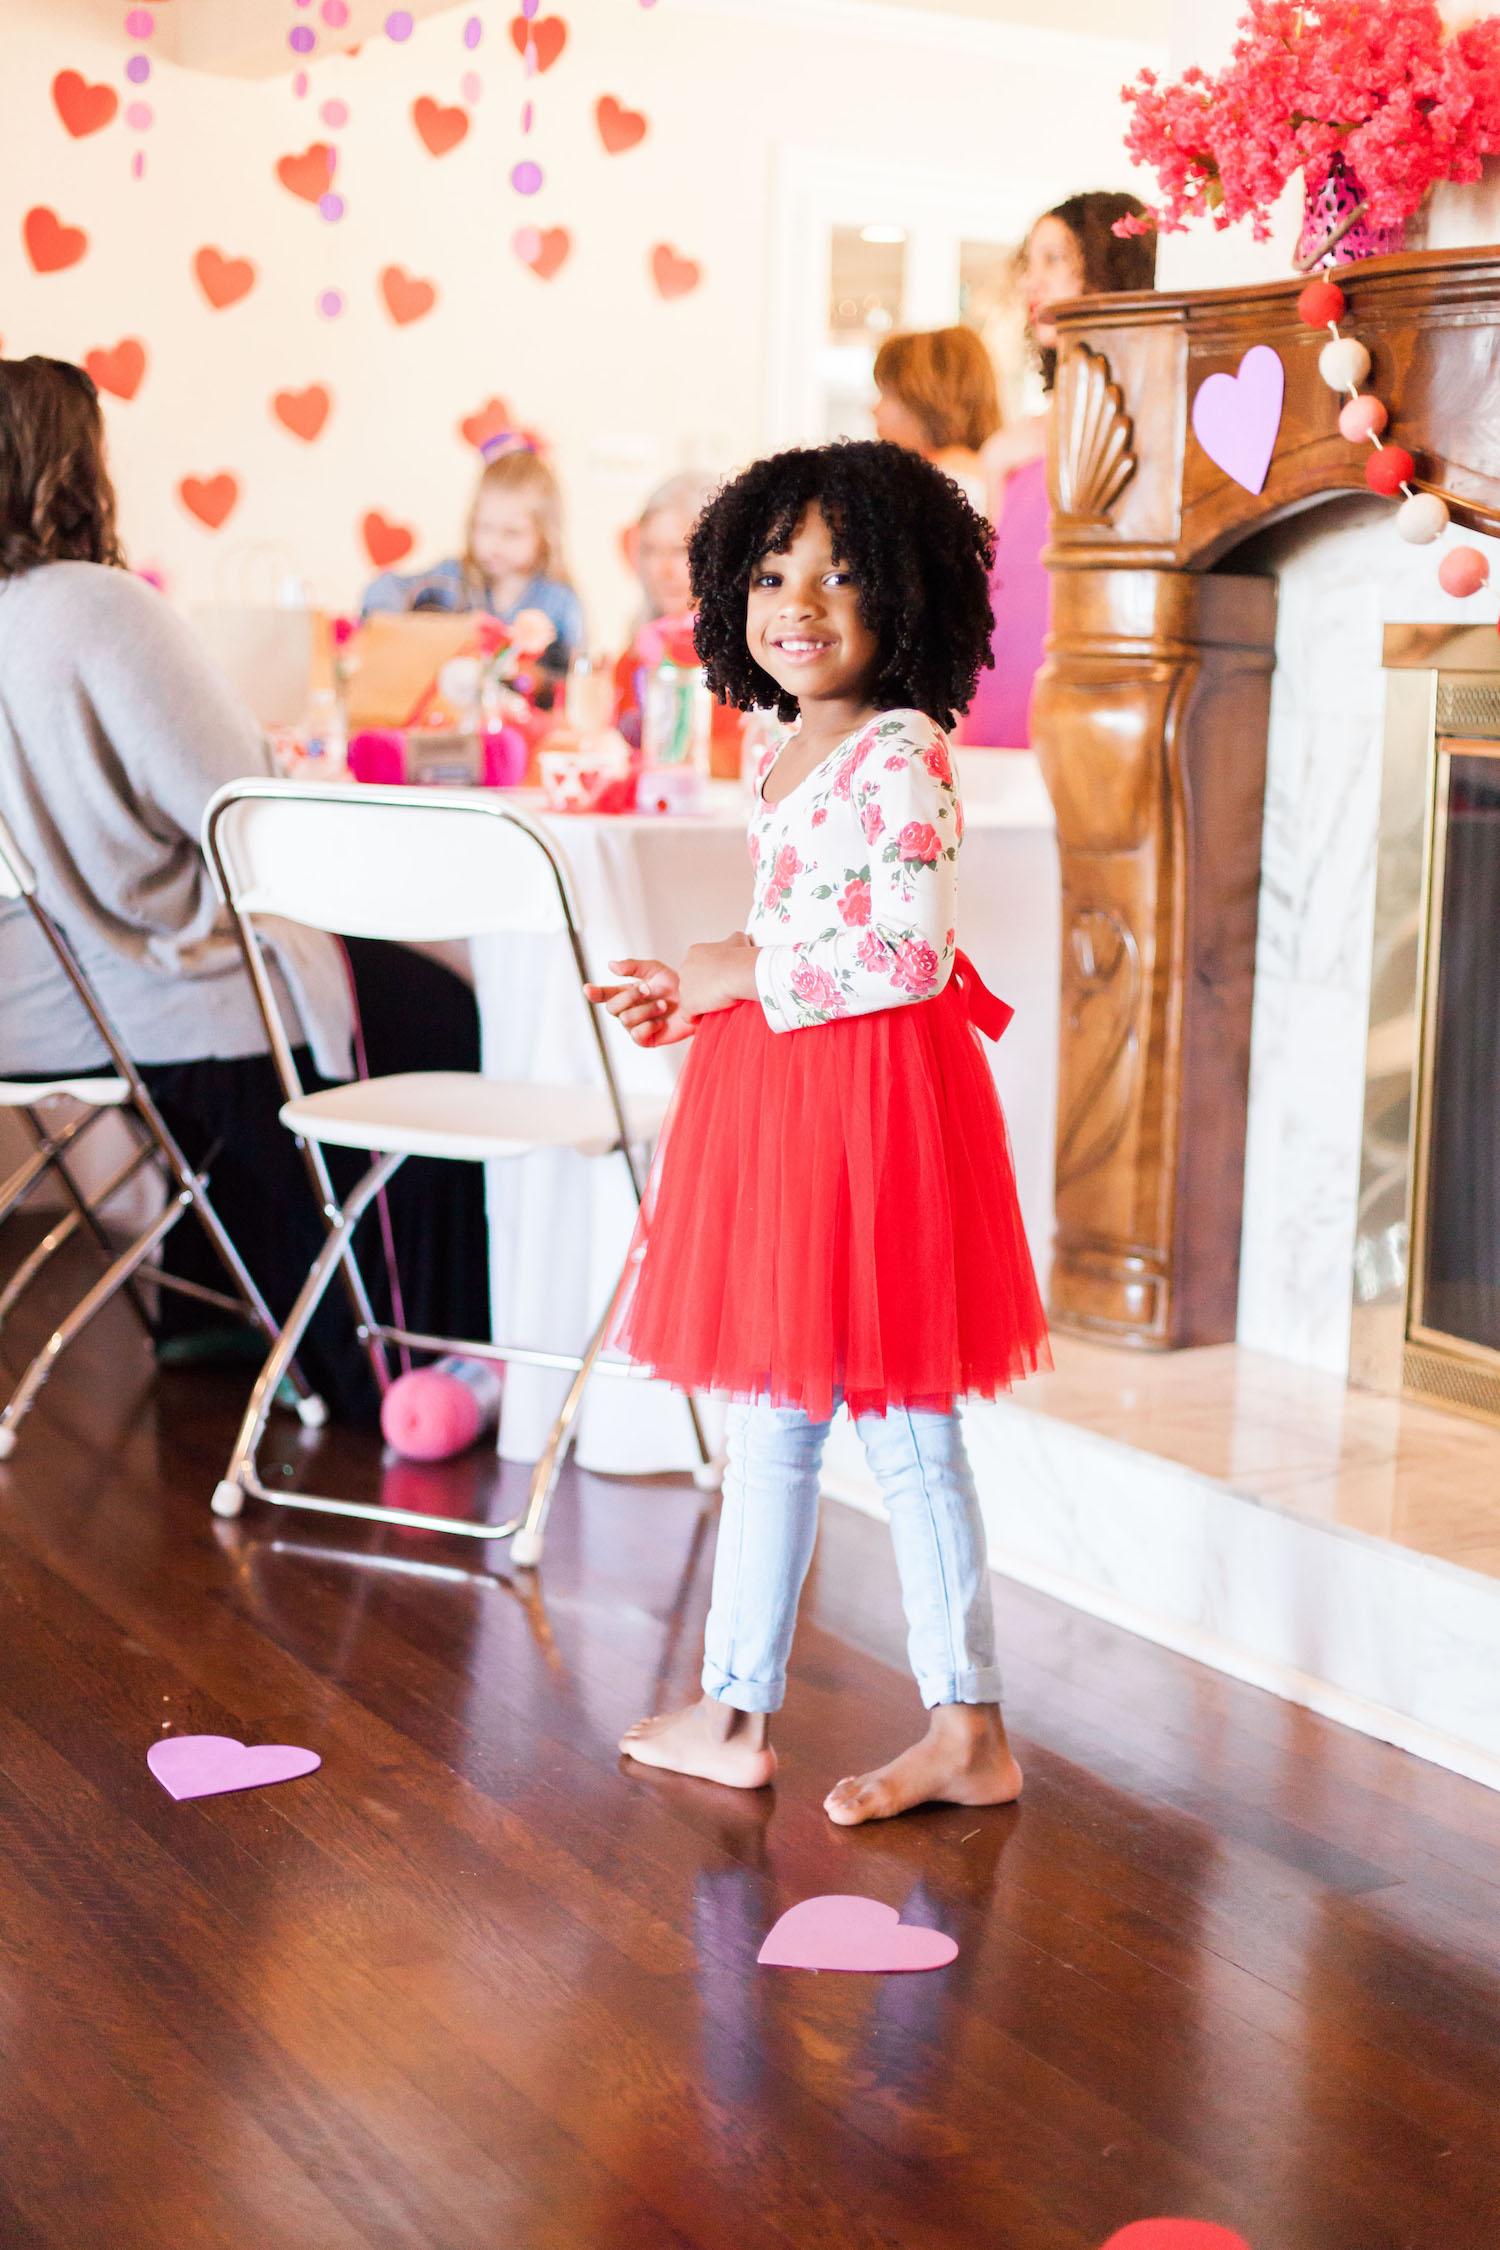 art-craft-valentines-day-party-Connie-Meinhardt-Photography-girl-in-tutu.jpg